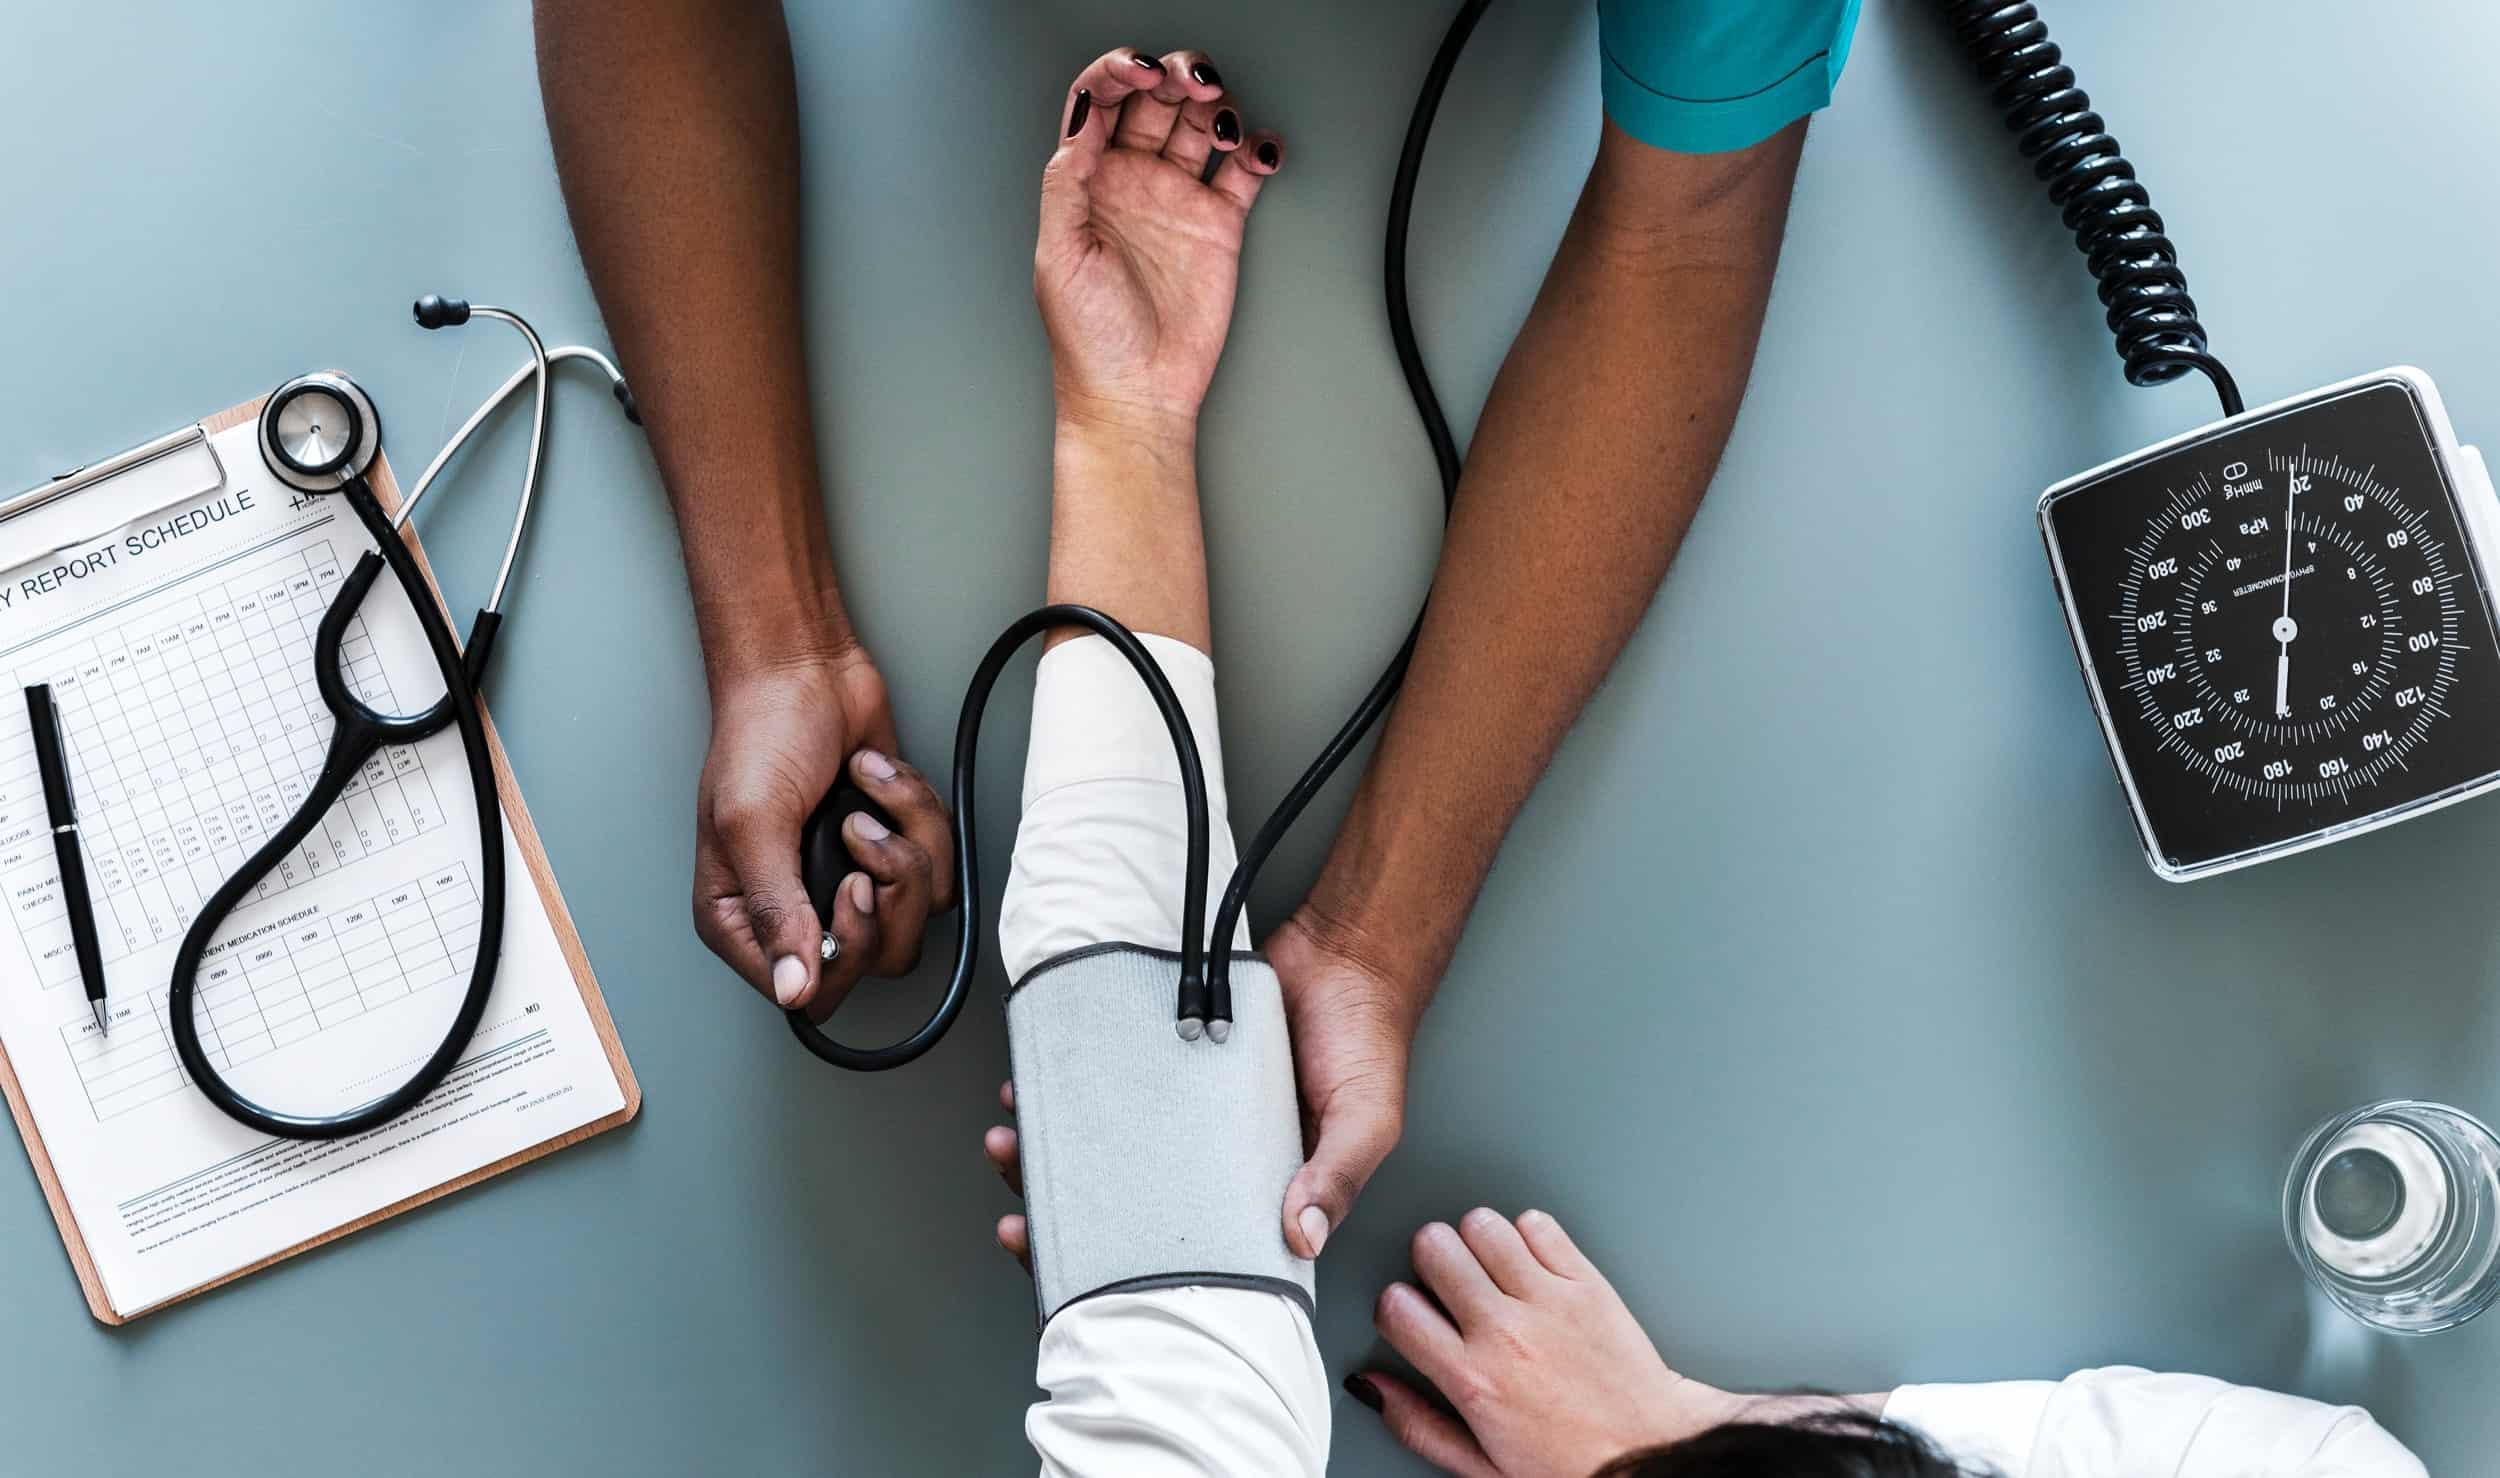 Gesetzliche Krankenversicherung - Medizinrecht